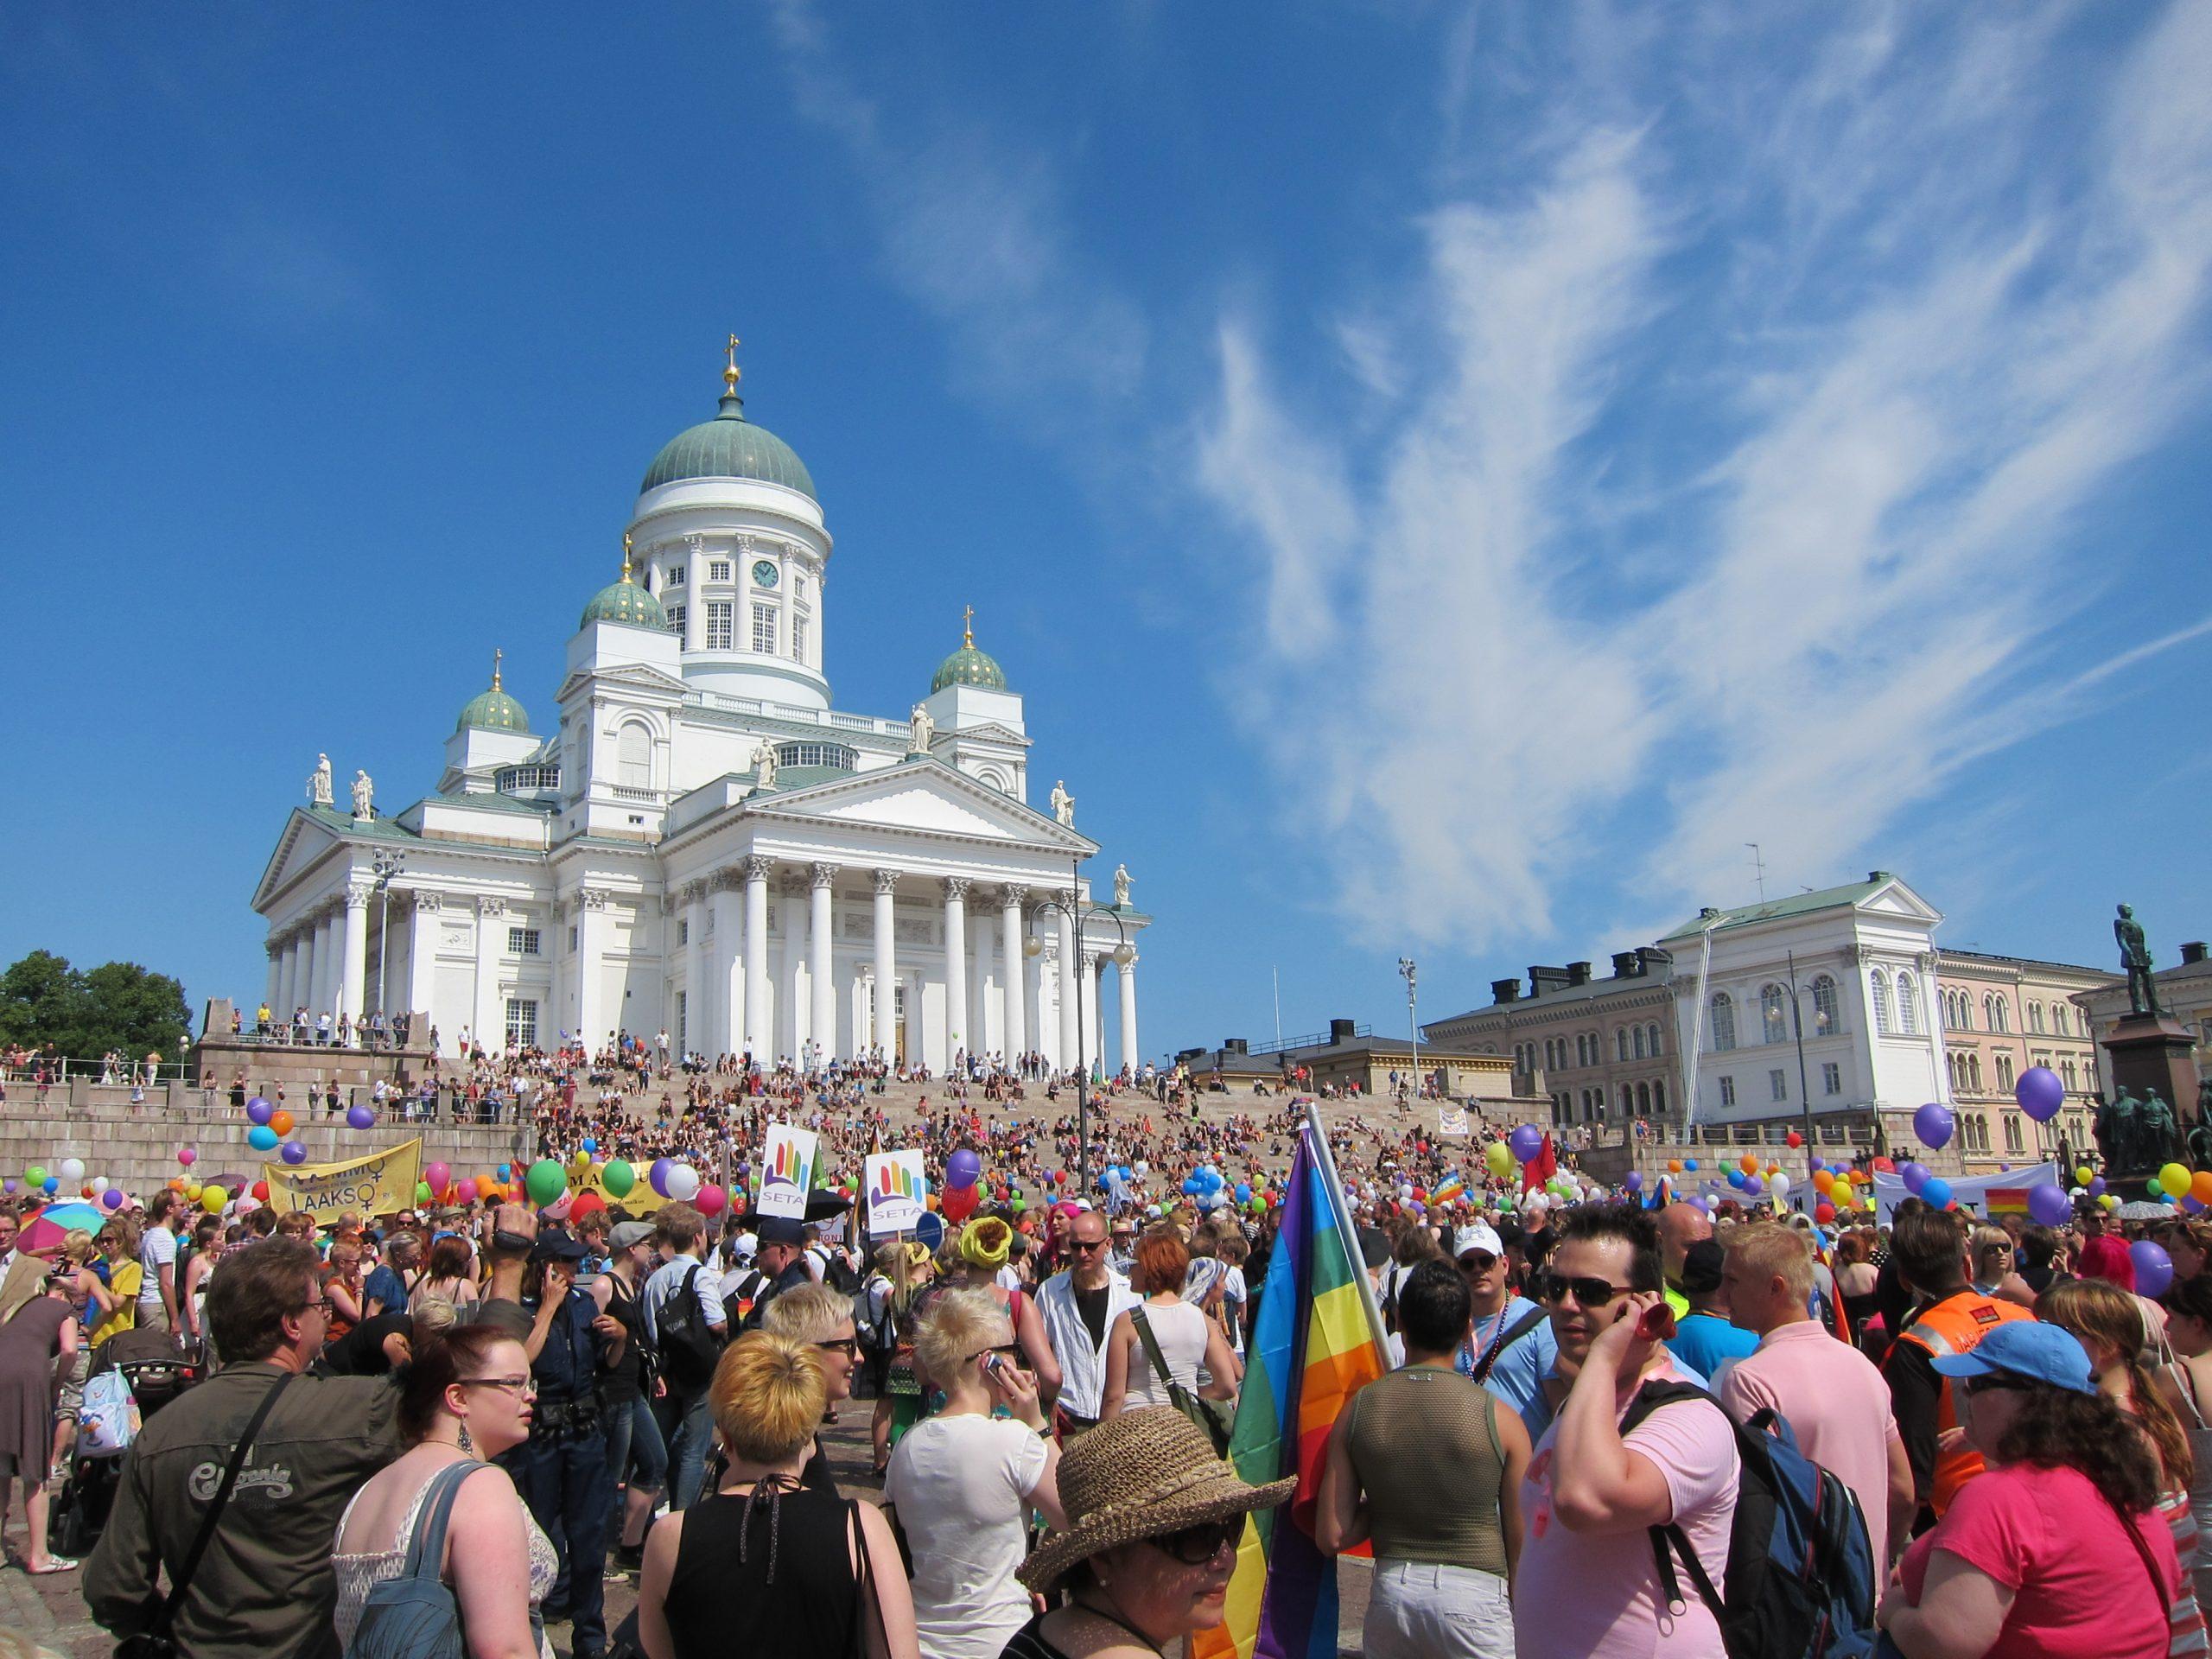 Finland har længe haft lave smittetal, men har opretholdt meget strikse indrejsekrav til for eksempel danske turister. Her er det fra Senatstorvet i den finske hovedstad, Helsinki. Wikipediafoto: Adrián Pérez.